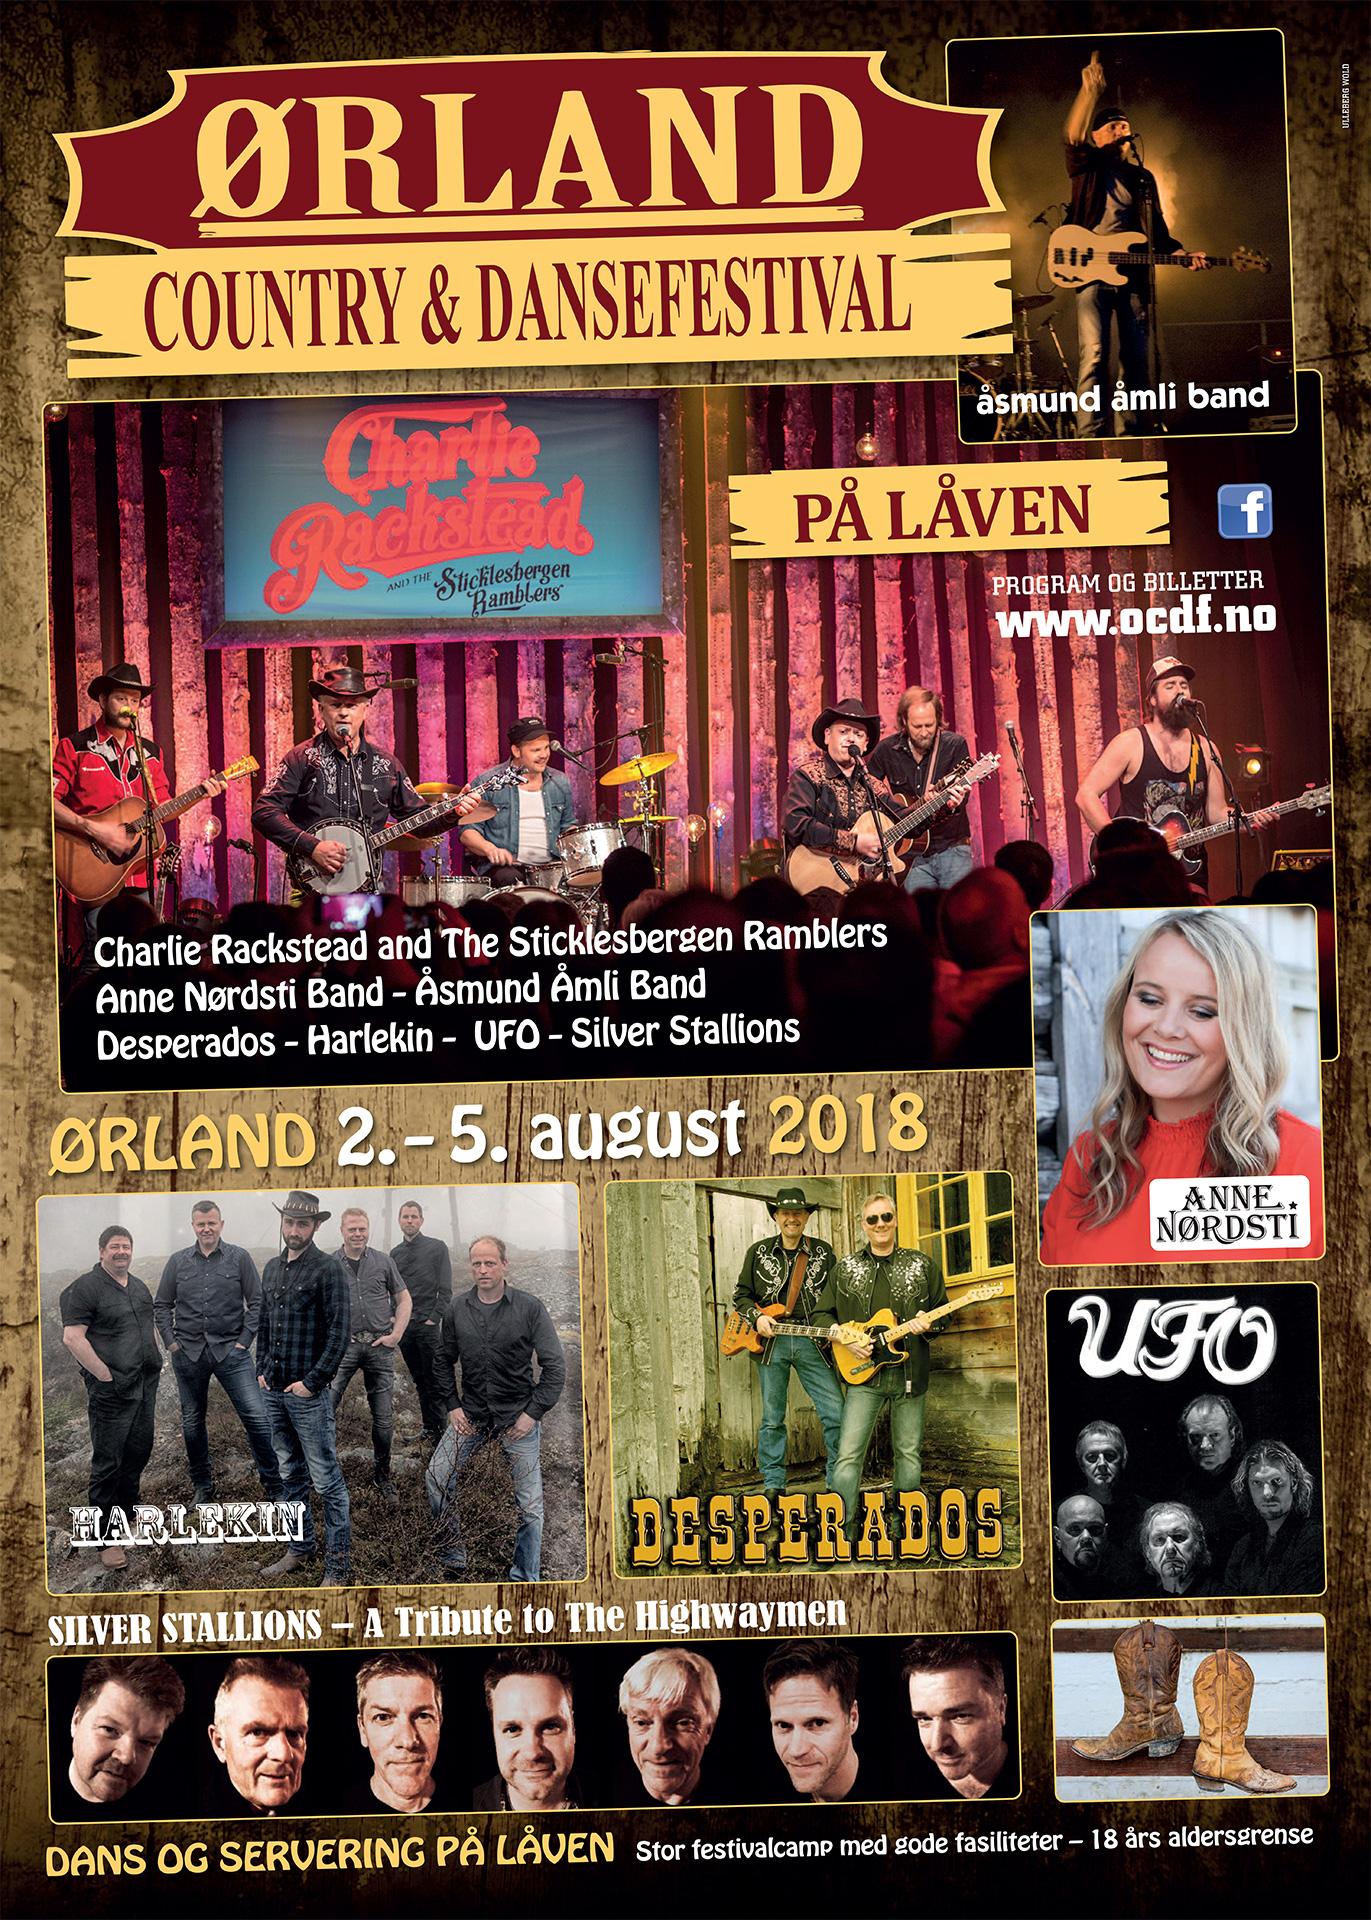 Ørland Country & Dansefestival arrangeres 2 - 5 august i 2018. Årets program består av Anne Nørdsti Band, Harlekin, Charlie Rackstead & The Sticklesbergen Ramblers, Ufo, Åsmund Åmli Band, Silver Stallions og Desperados.